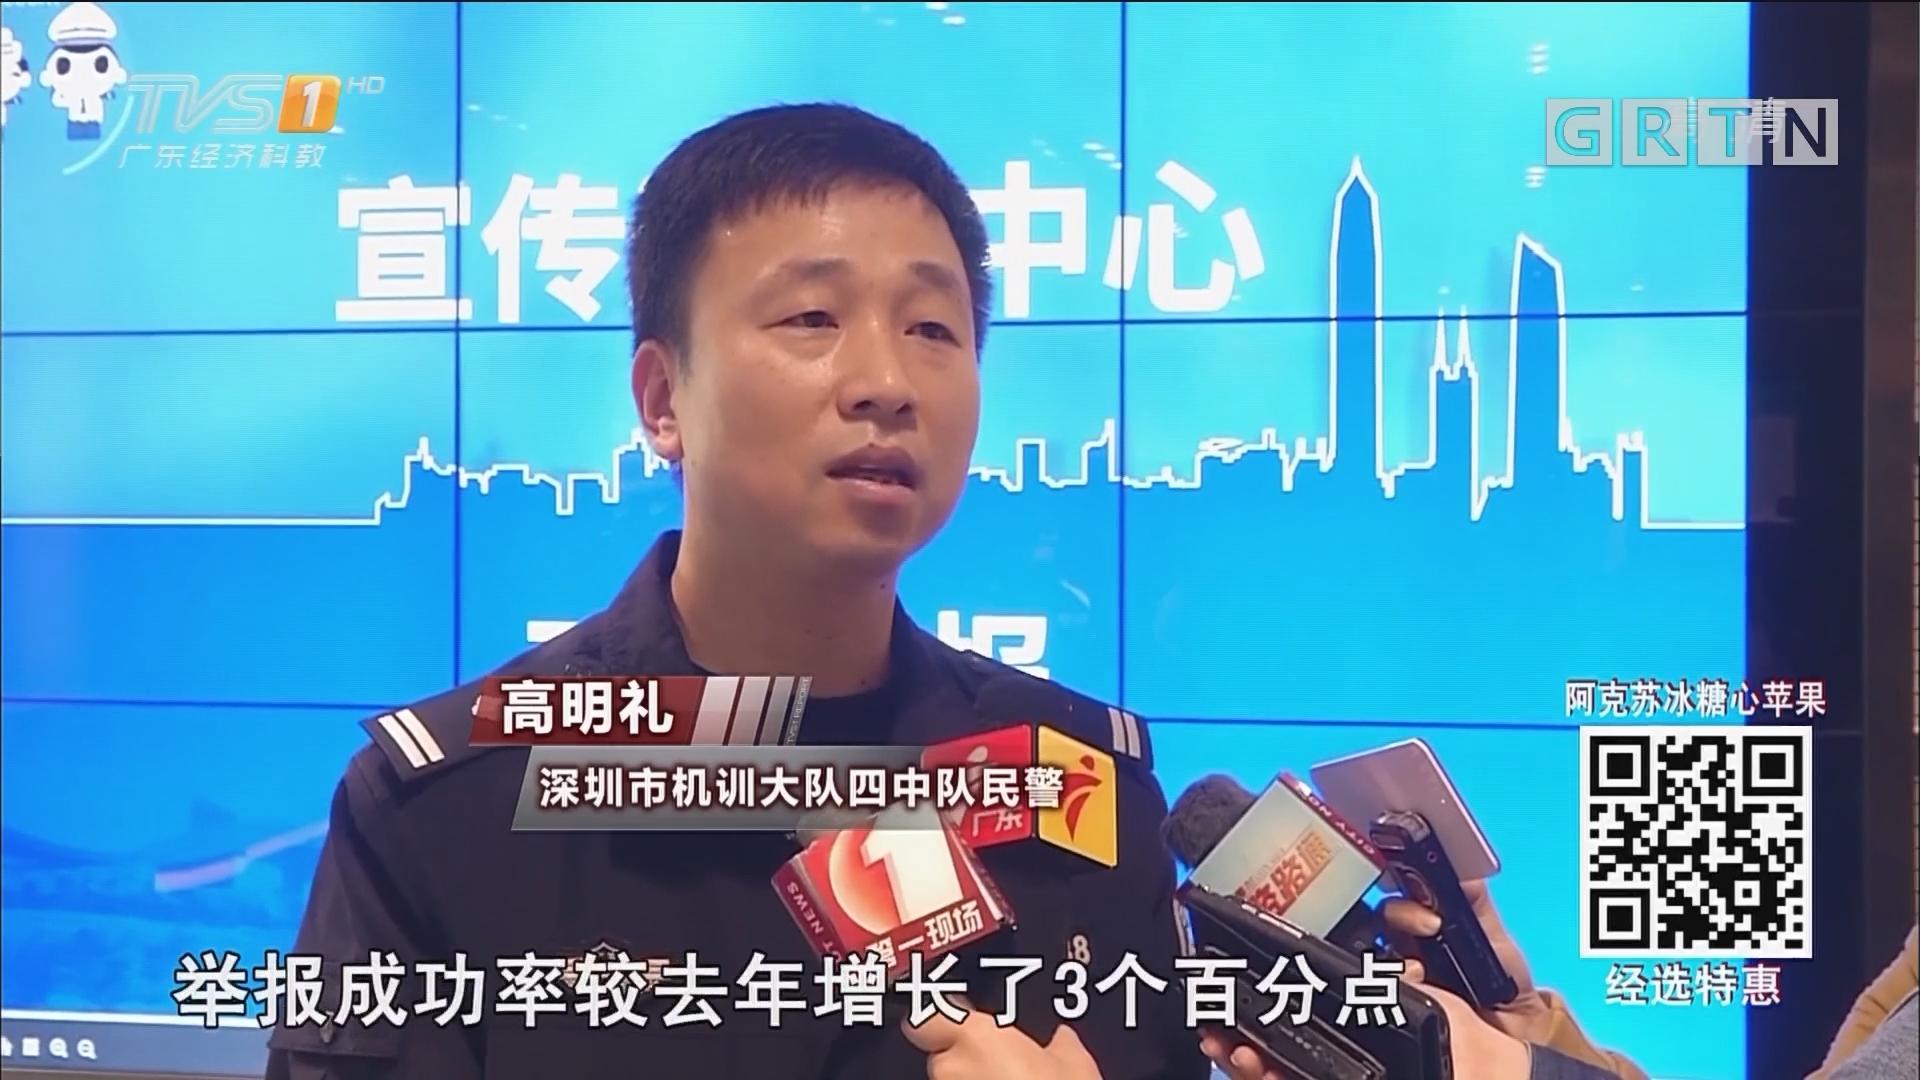 深圳:交通违法随手拍可拿奖 一年发出400万